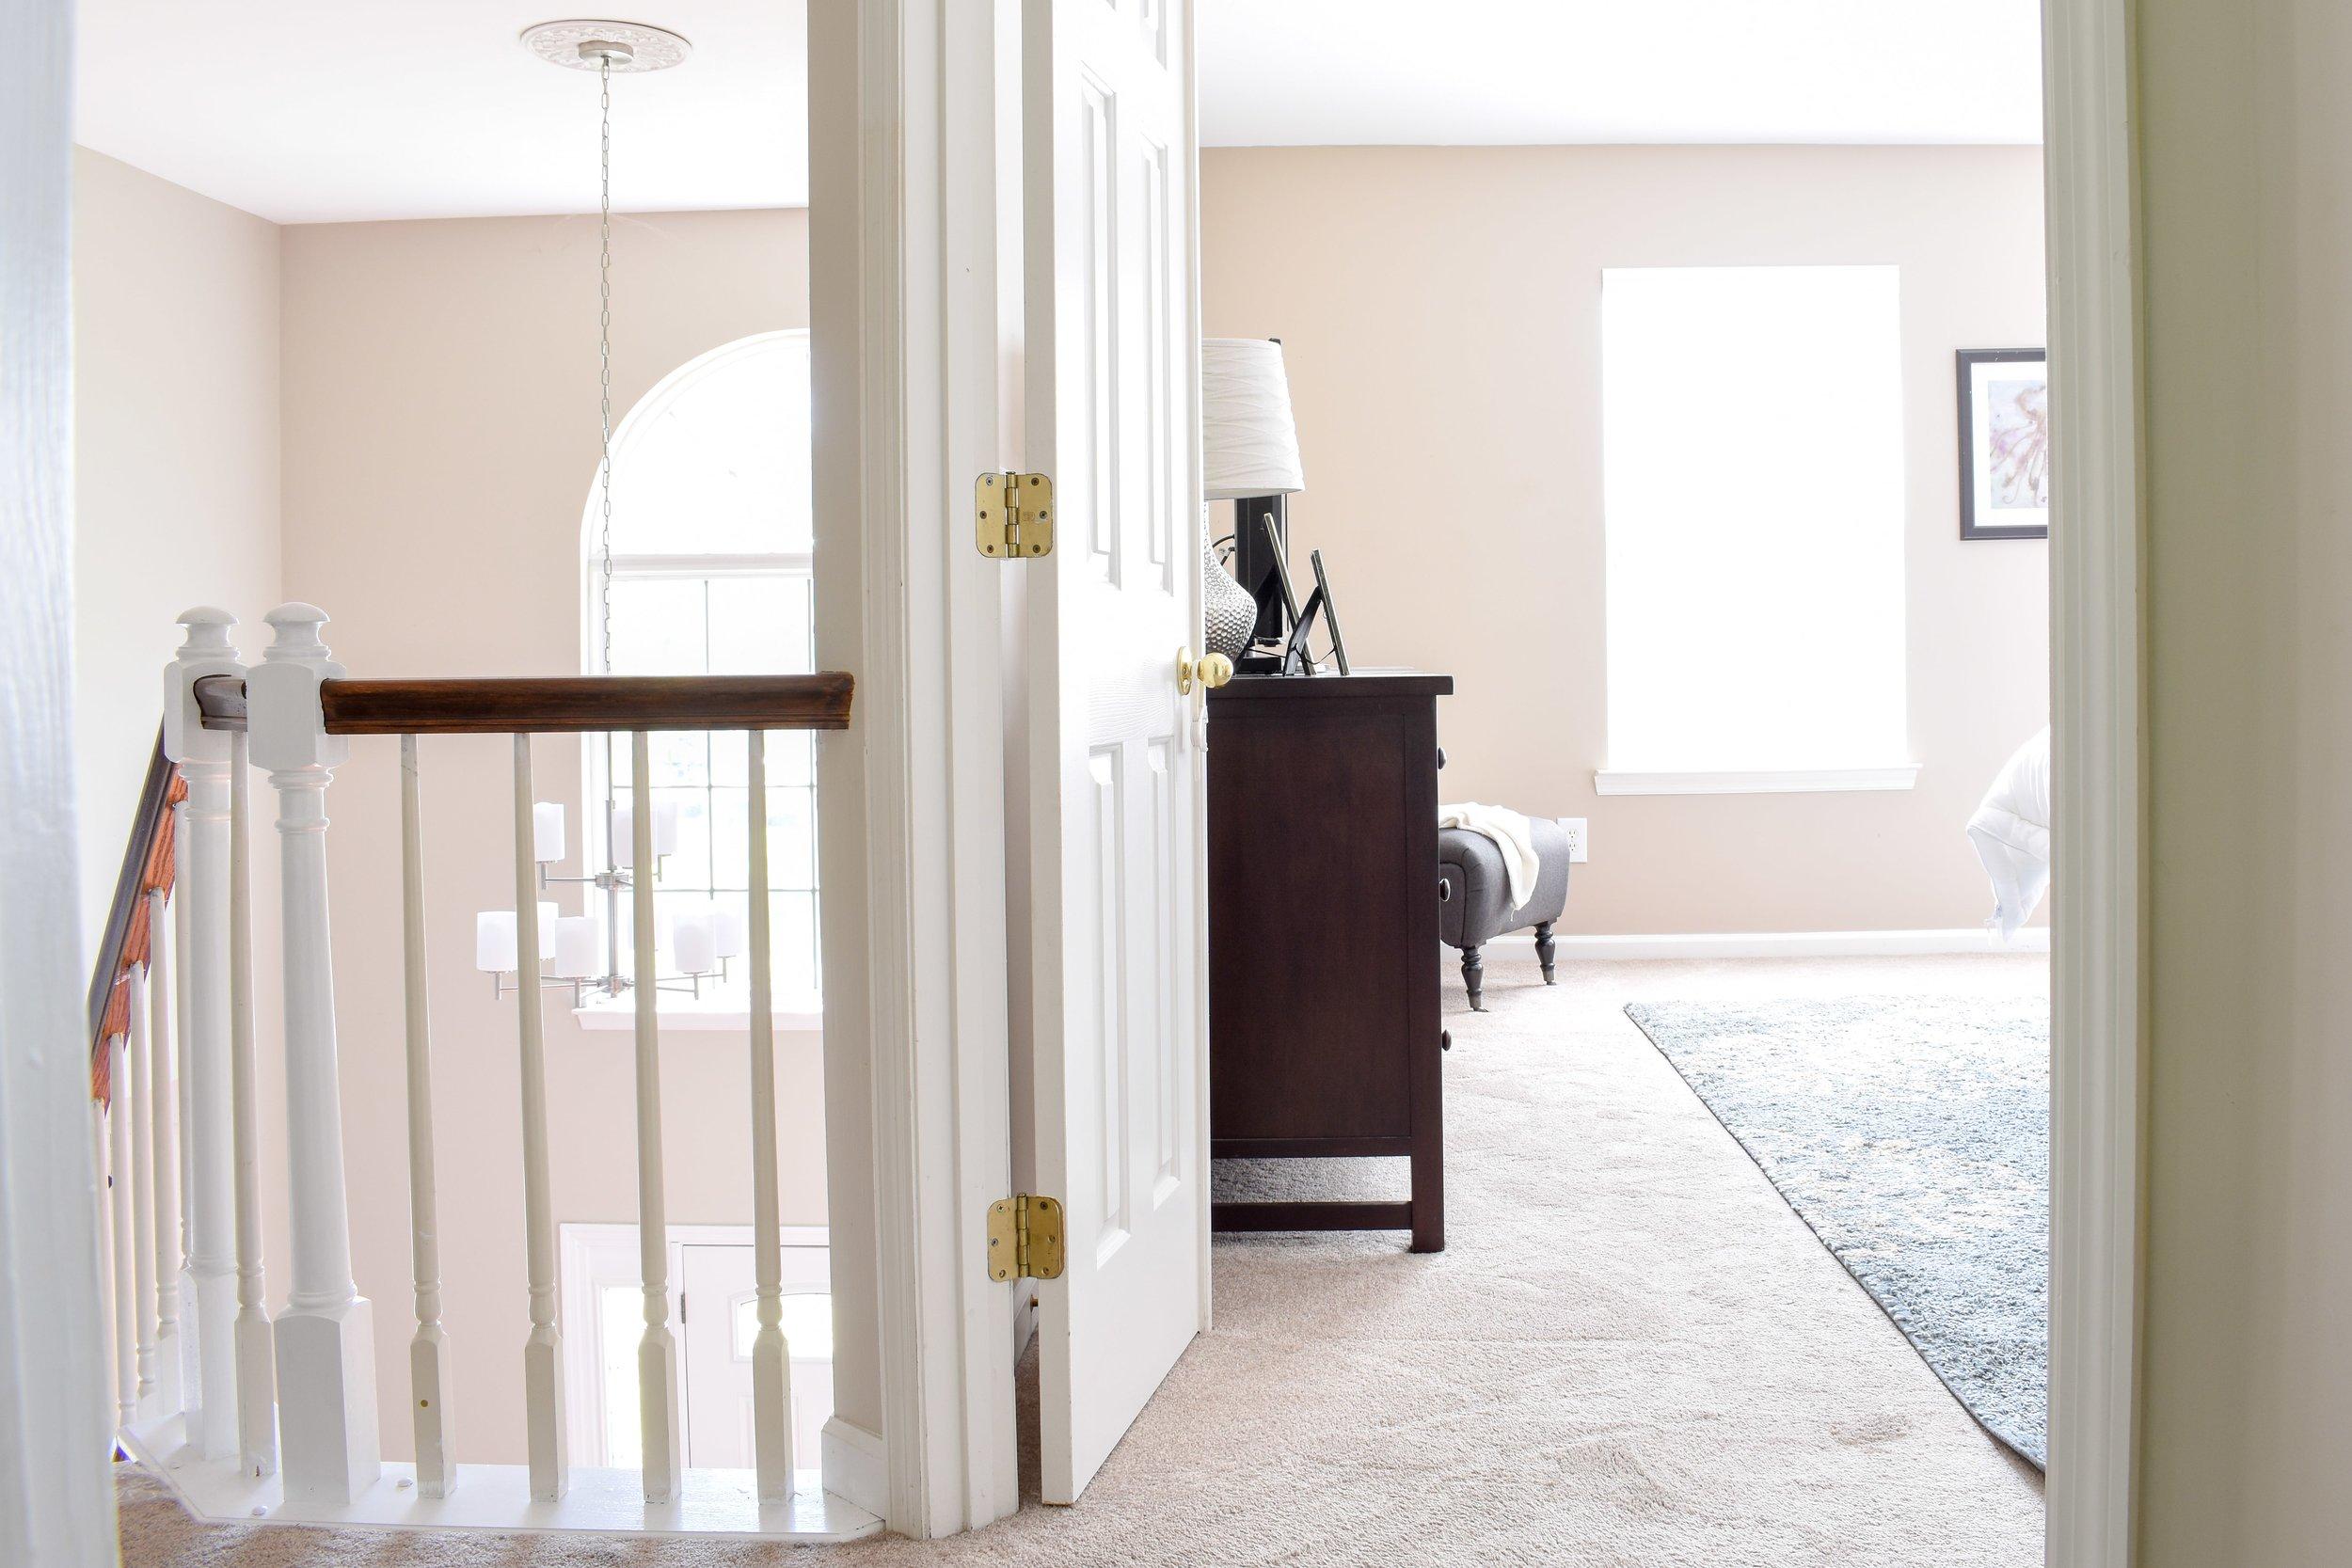 lofted upstairs hallway leading to master bedroom